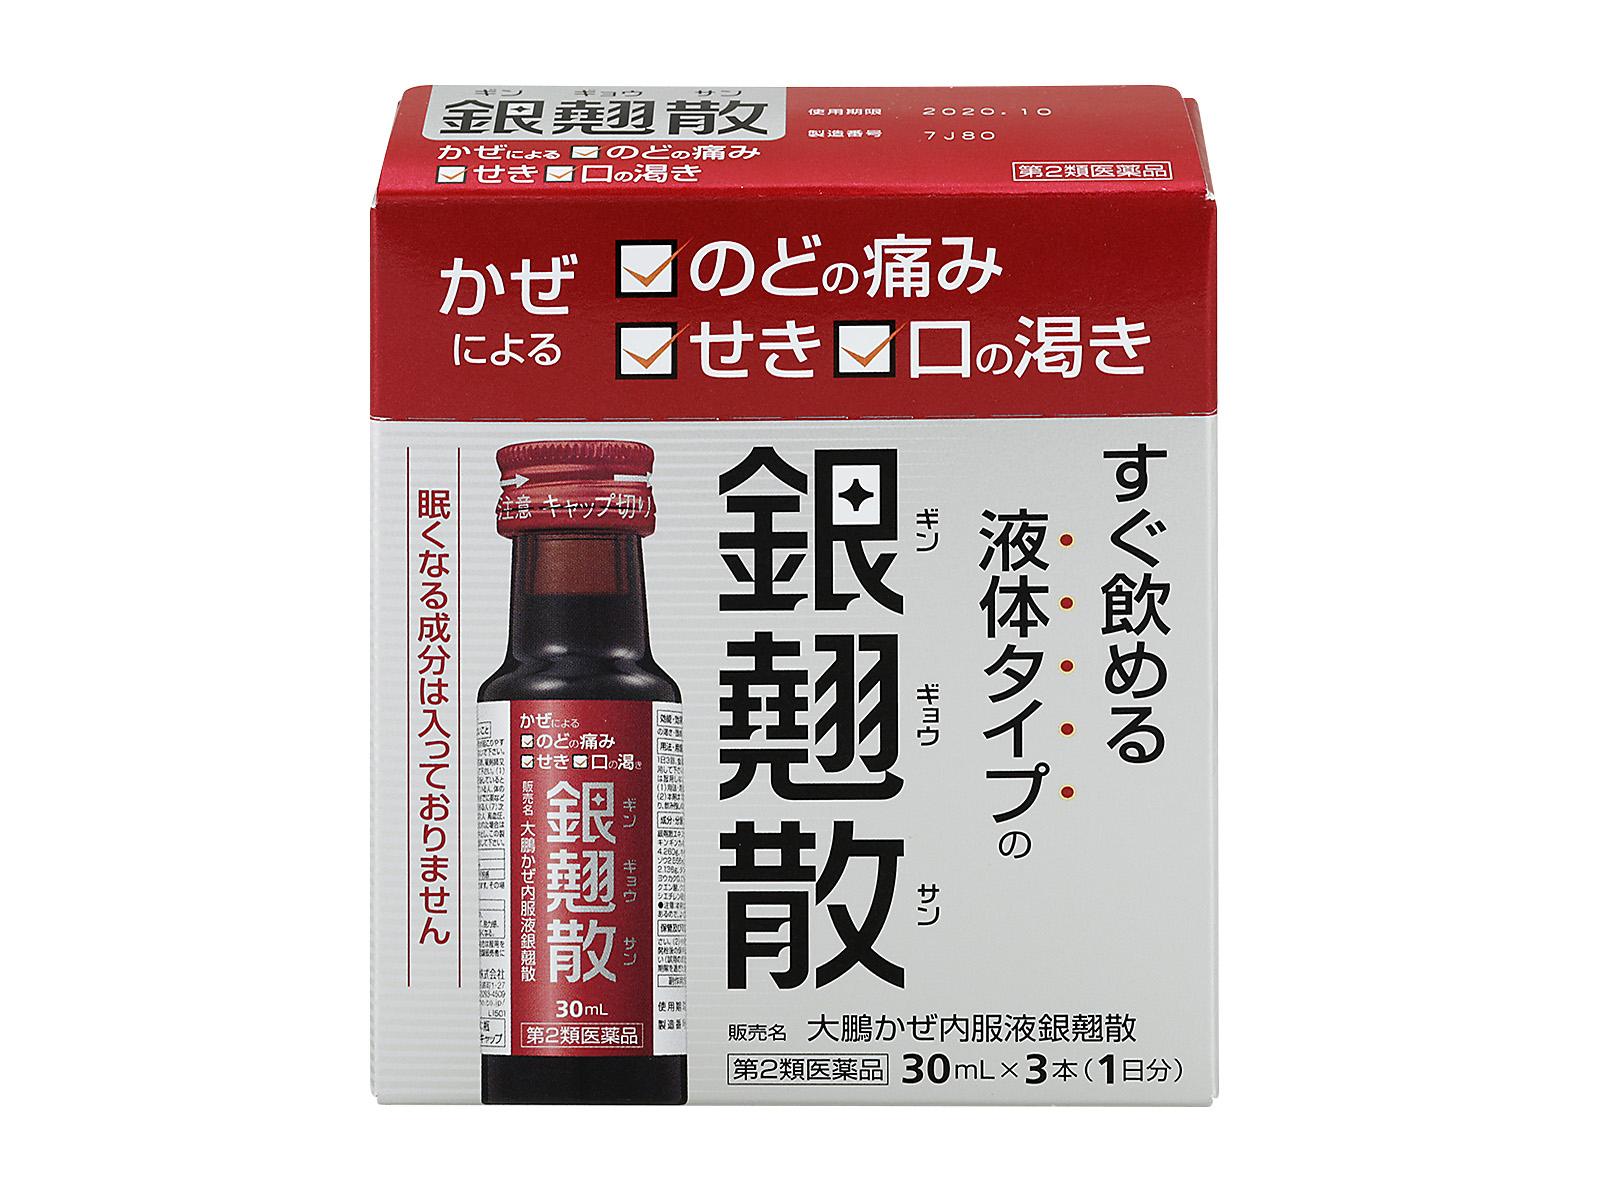 大鵬かぜ内服液銀翹散(30ml×3本)